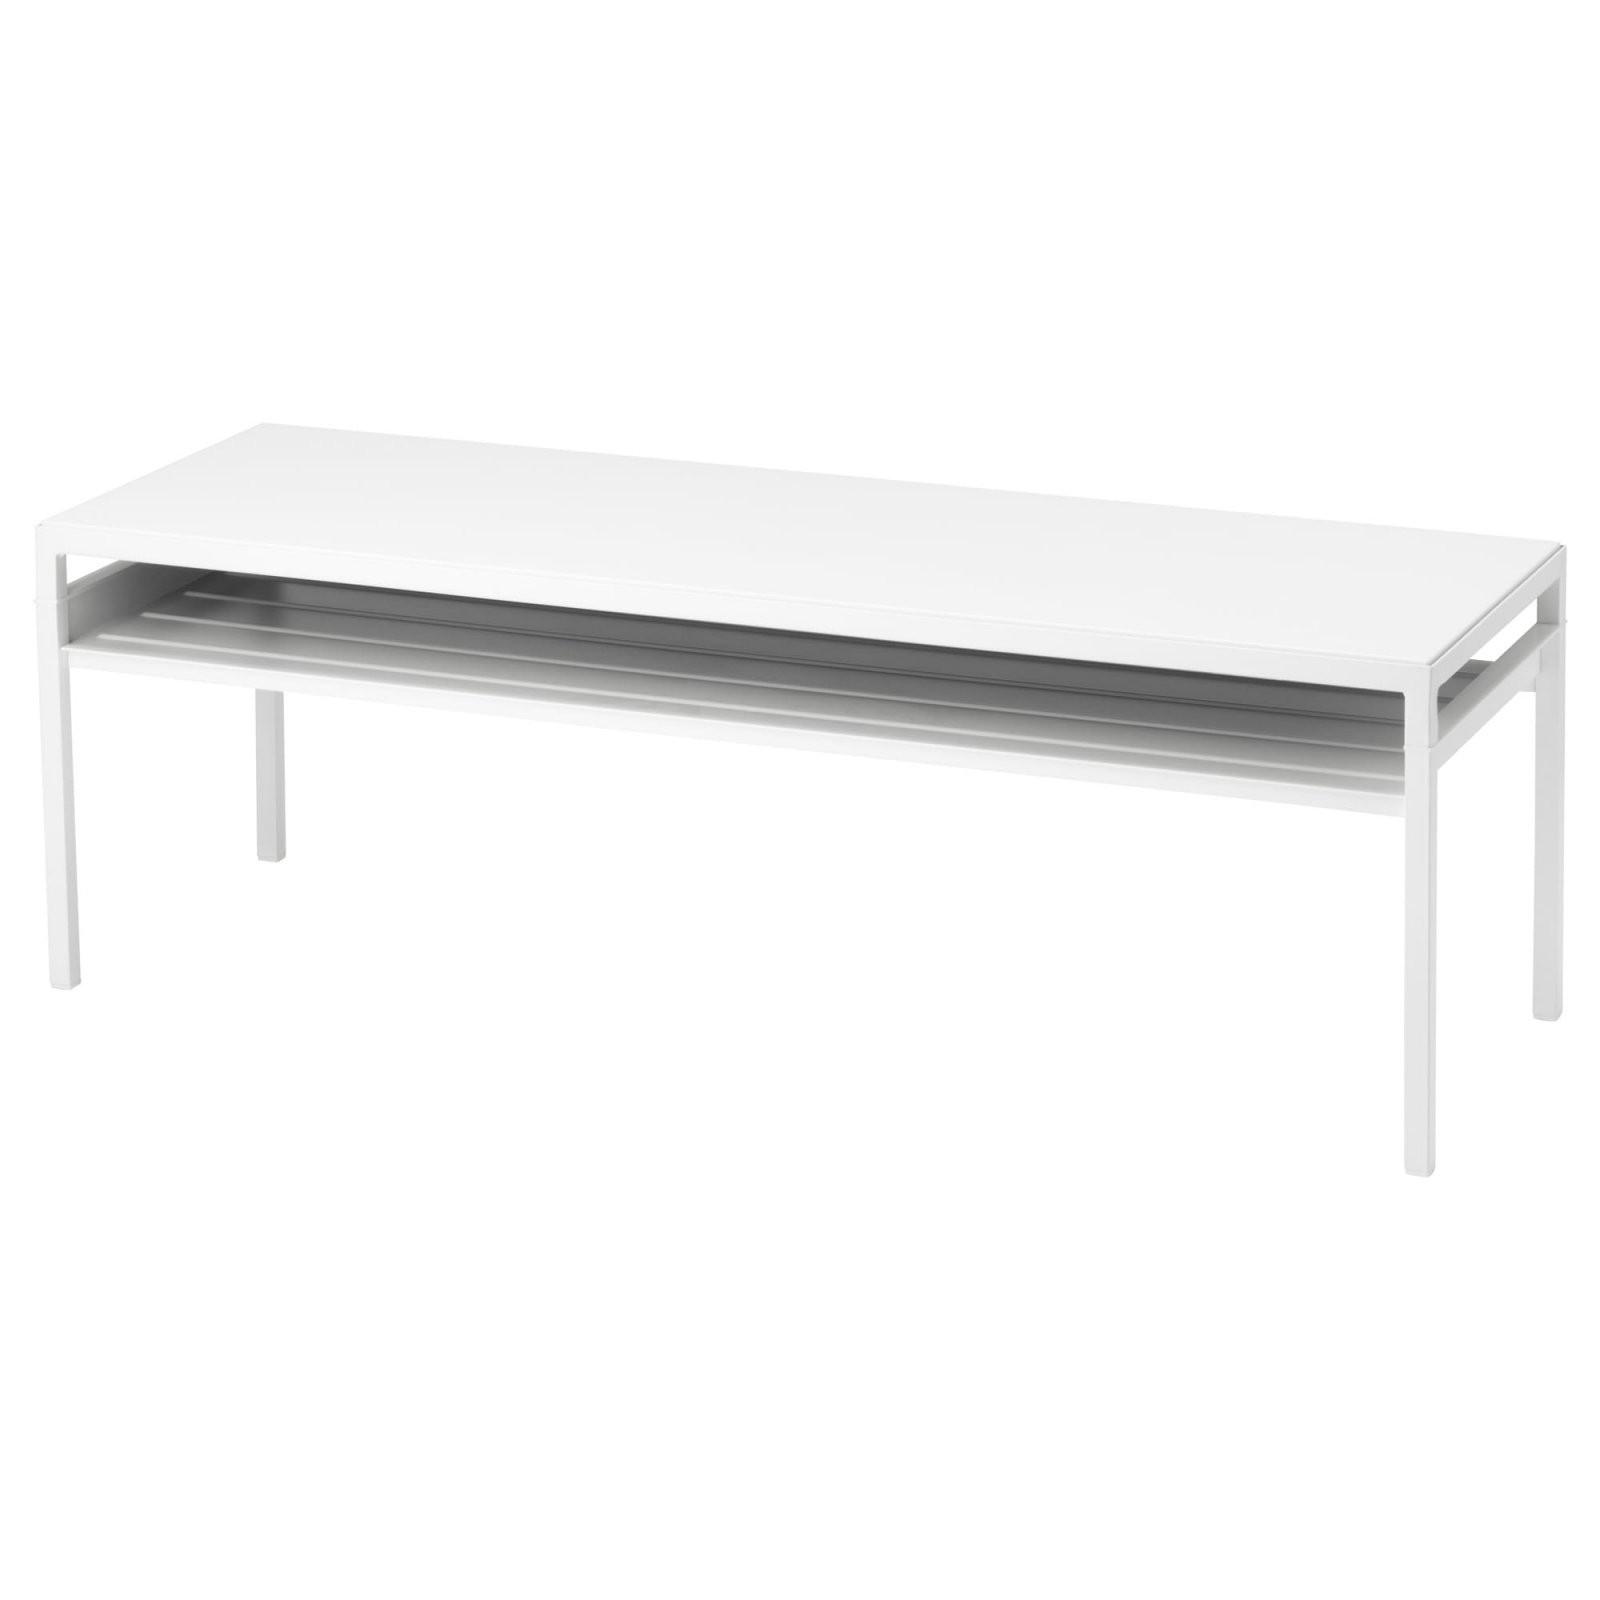 Nyboda Couchtischwendbare Platte  Weißgrau  Ikea von Couchtisch Mit Schublade Ikea Bild